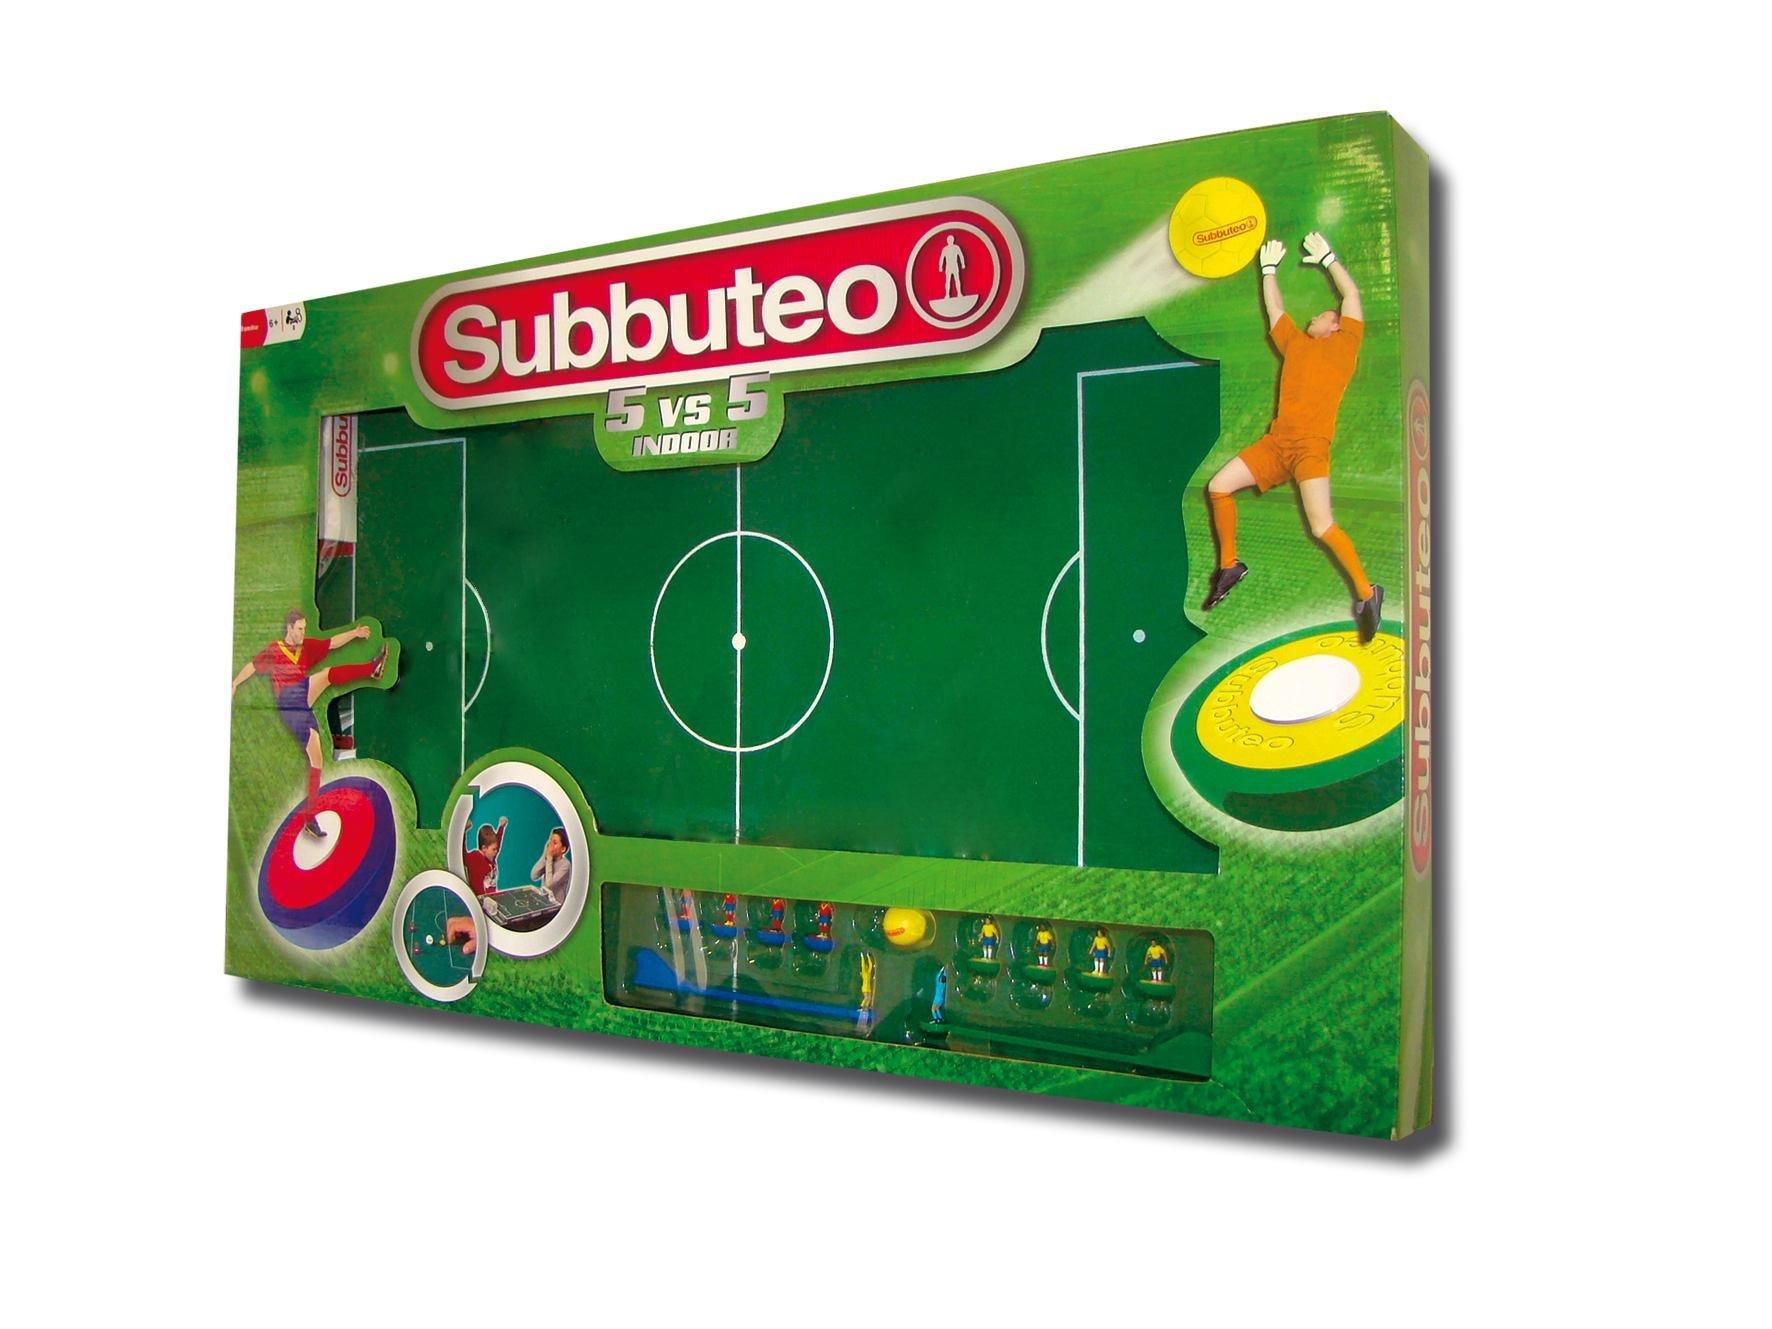 Hasbro Juegos Subbuteo 5 vs. 5, Juego de Mesa (A5167546): Amazon.es: Juguetes y juegos